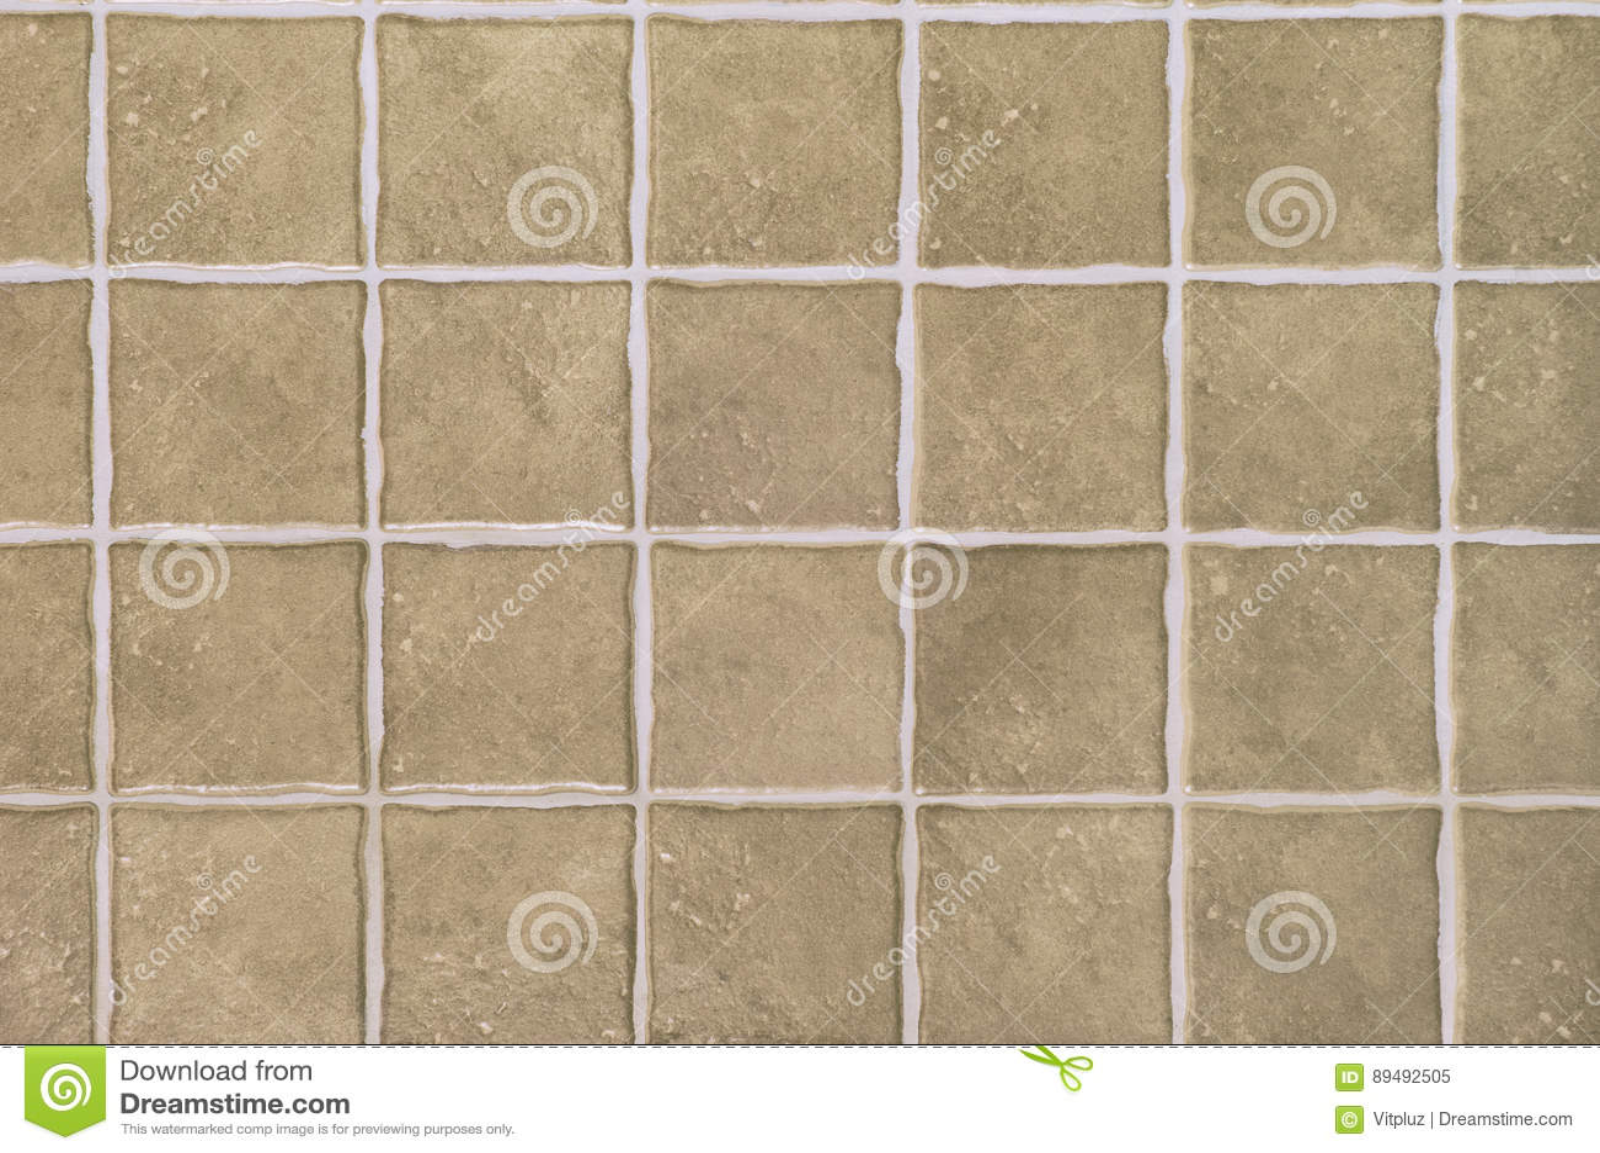 Download Alte Braune Fliesen Stockbild. Bild Von Badezimmer, Mosaik    89492505